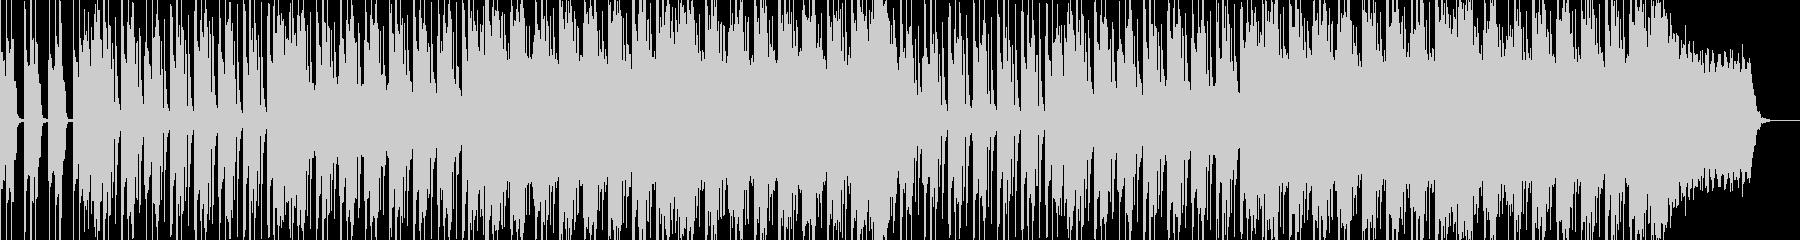 ロック、ミディアムテンポ、シンセリードの未再生の波形